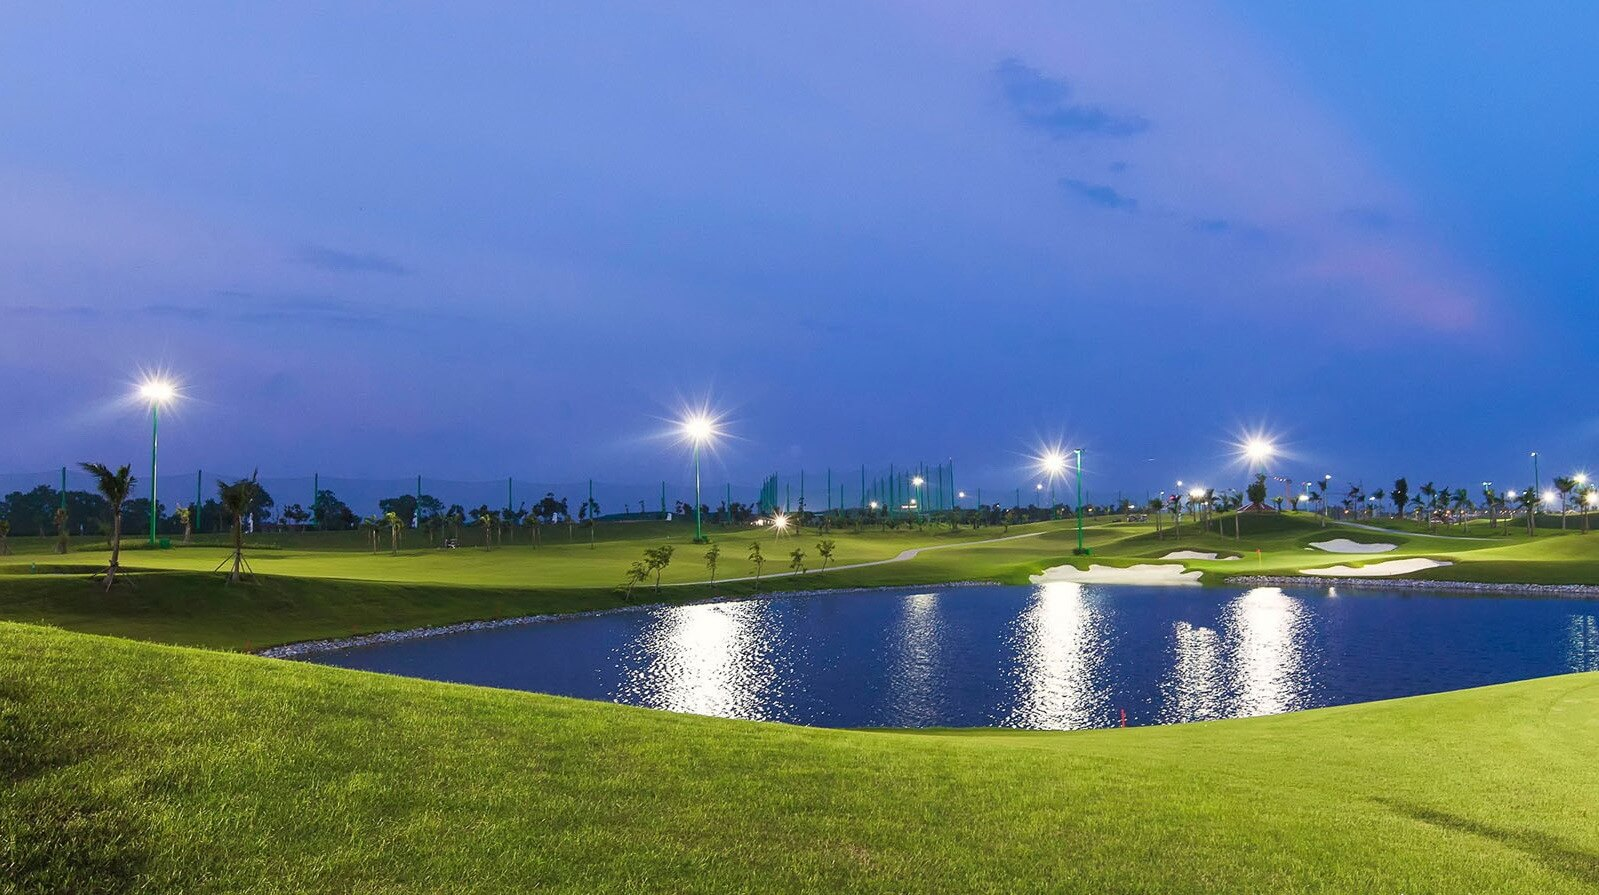 Sân Golf được đầu tư hạ tầng hiện đại.